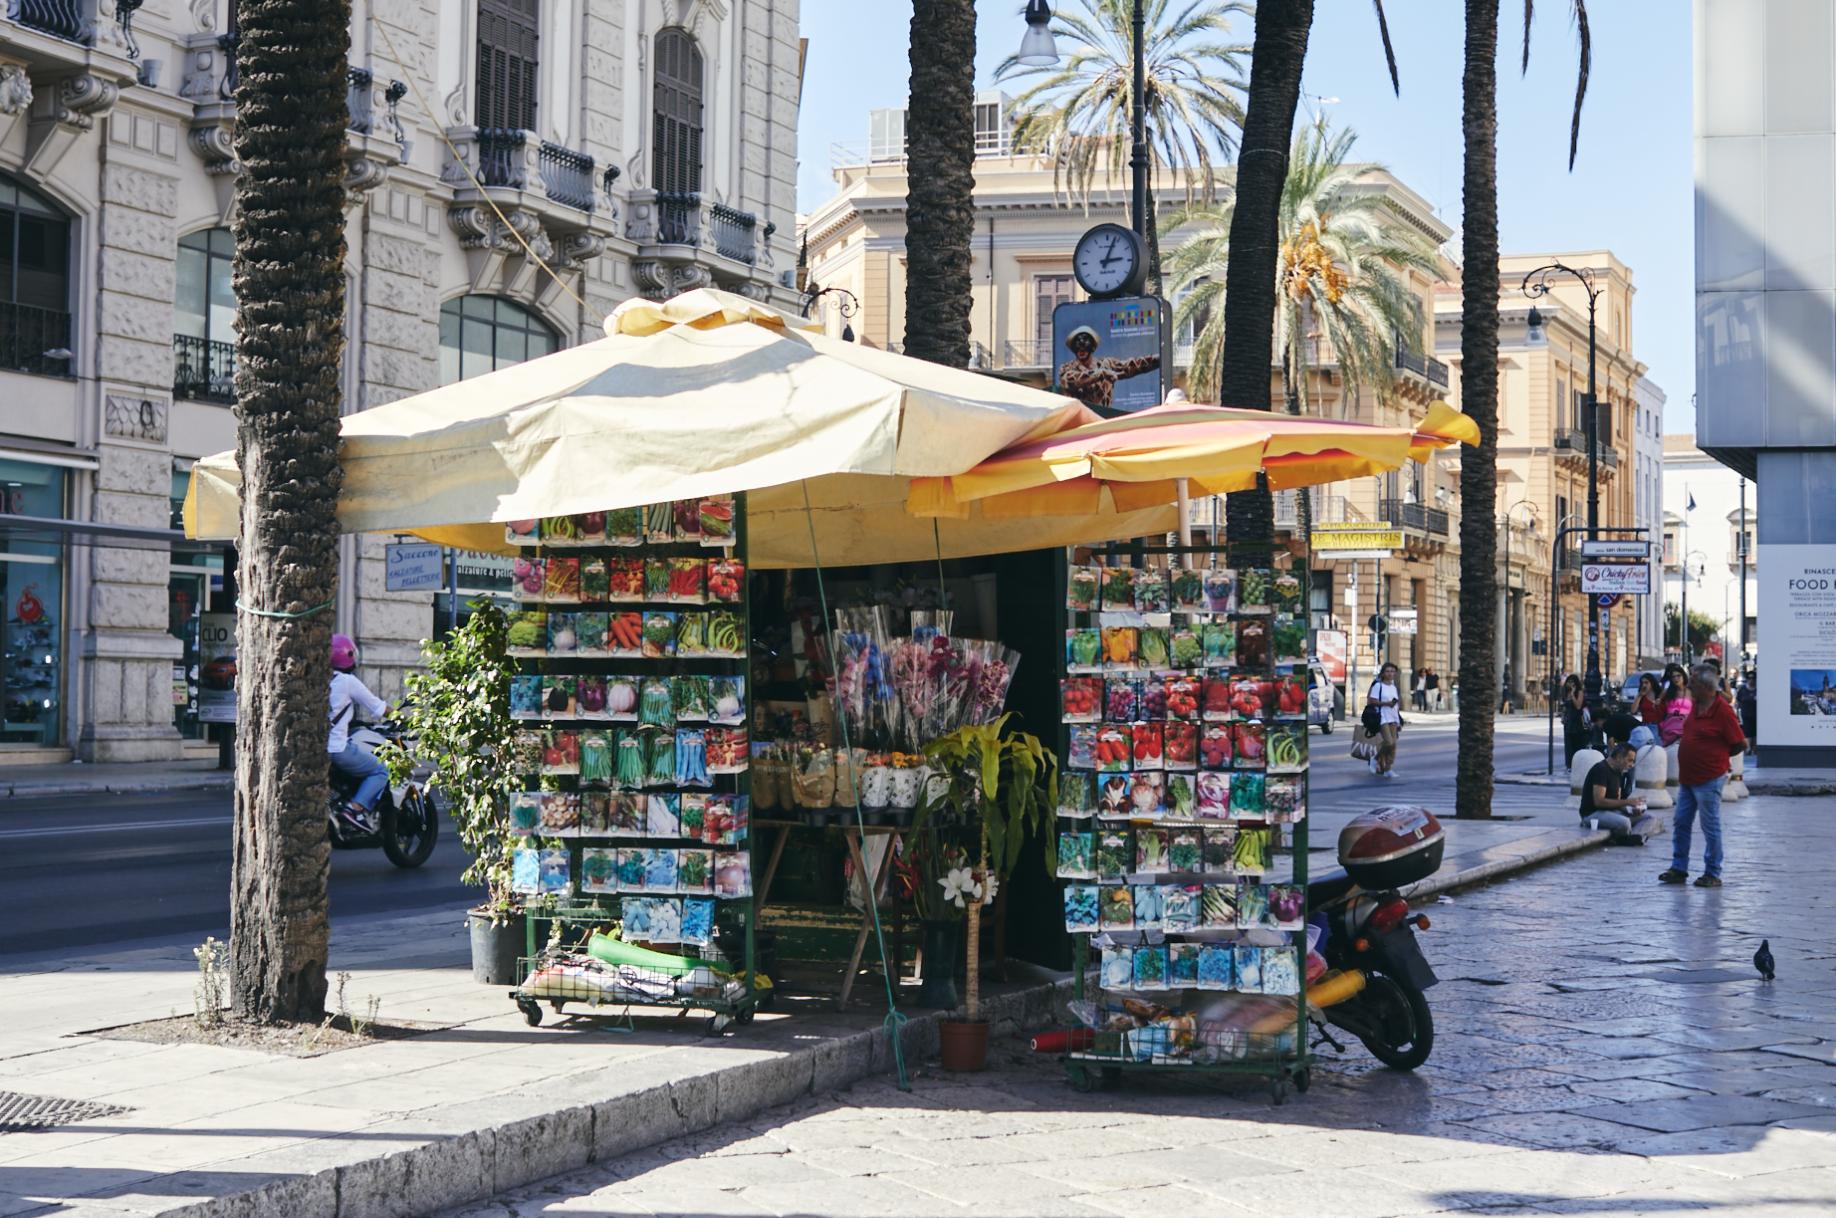 Фотография из моего поста «Почему я больше не поеду на Сицилию летом»